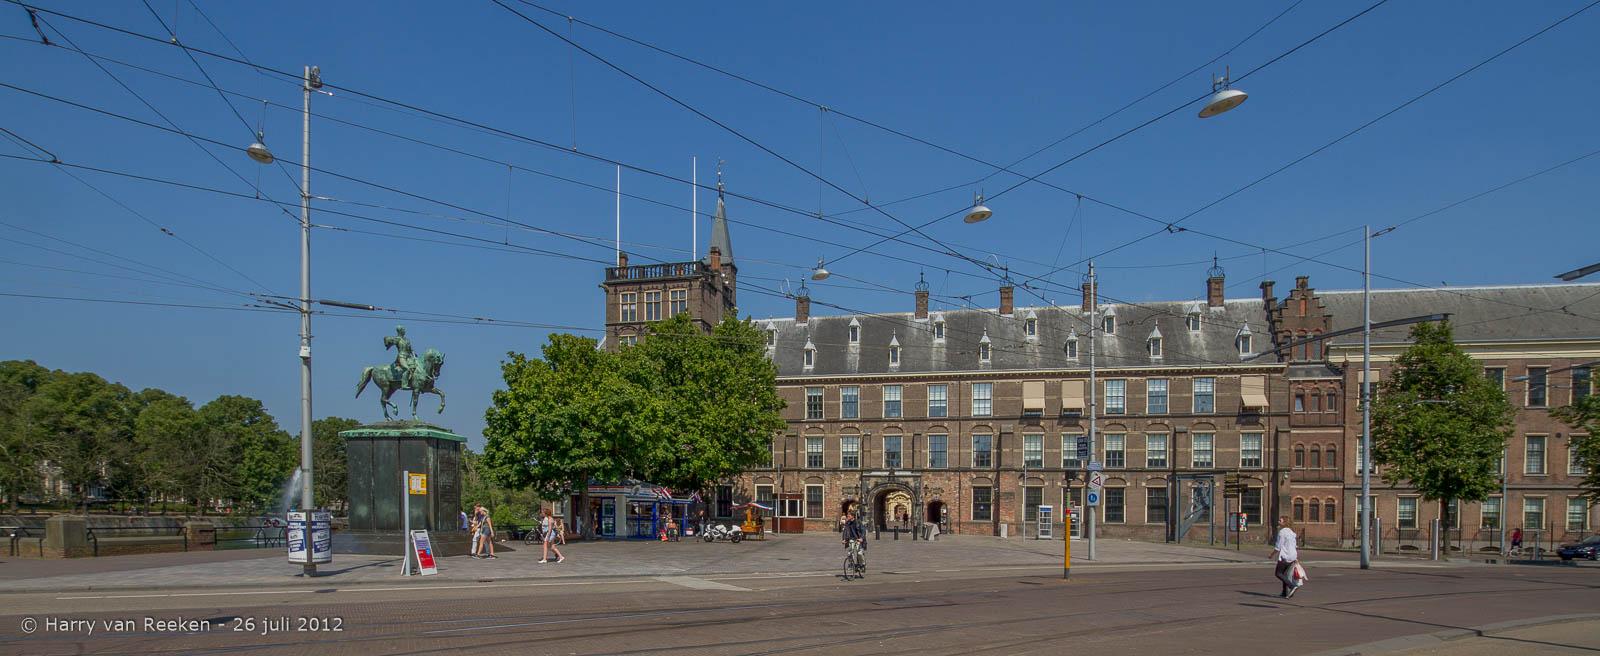 Binnenhof-panorama-2-Edizt